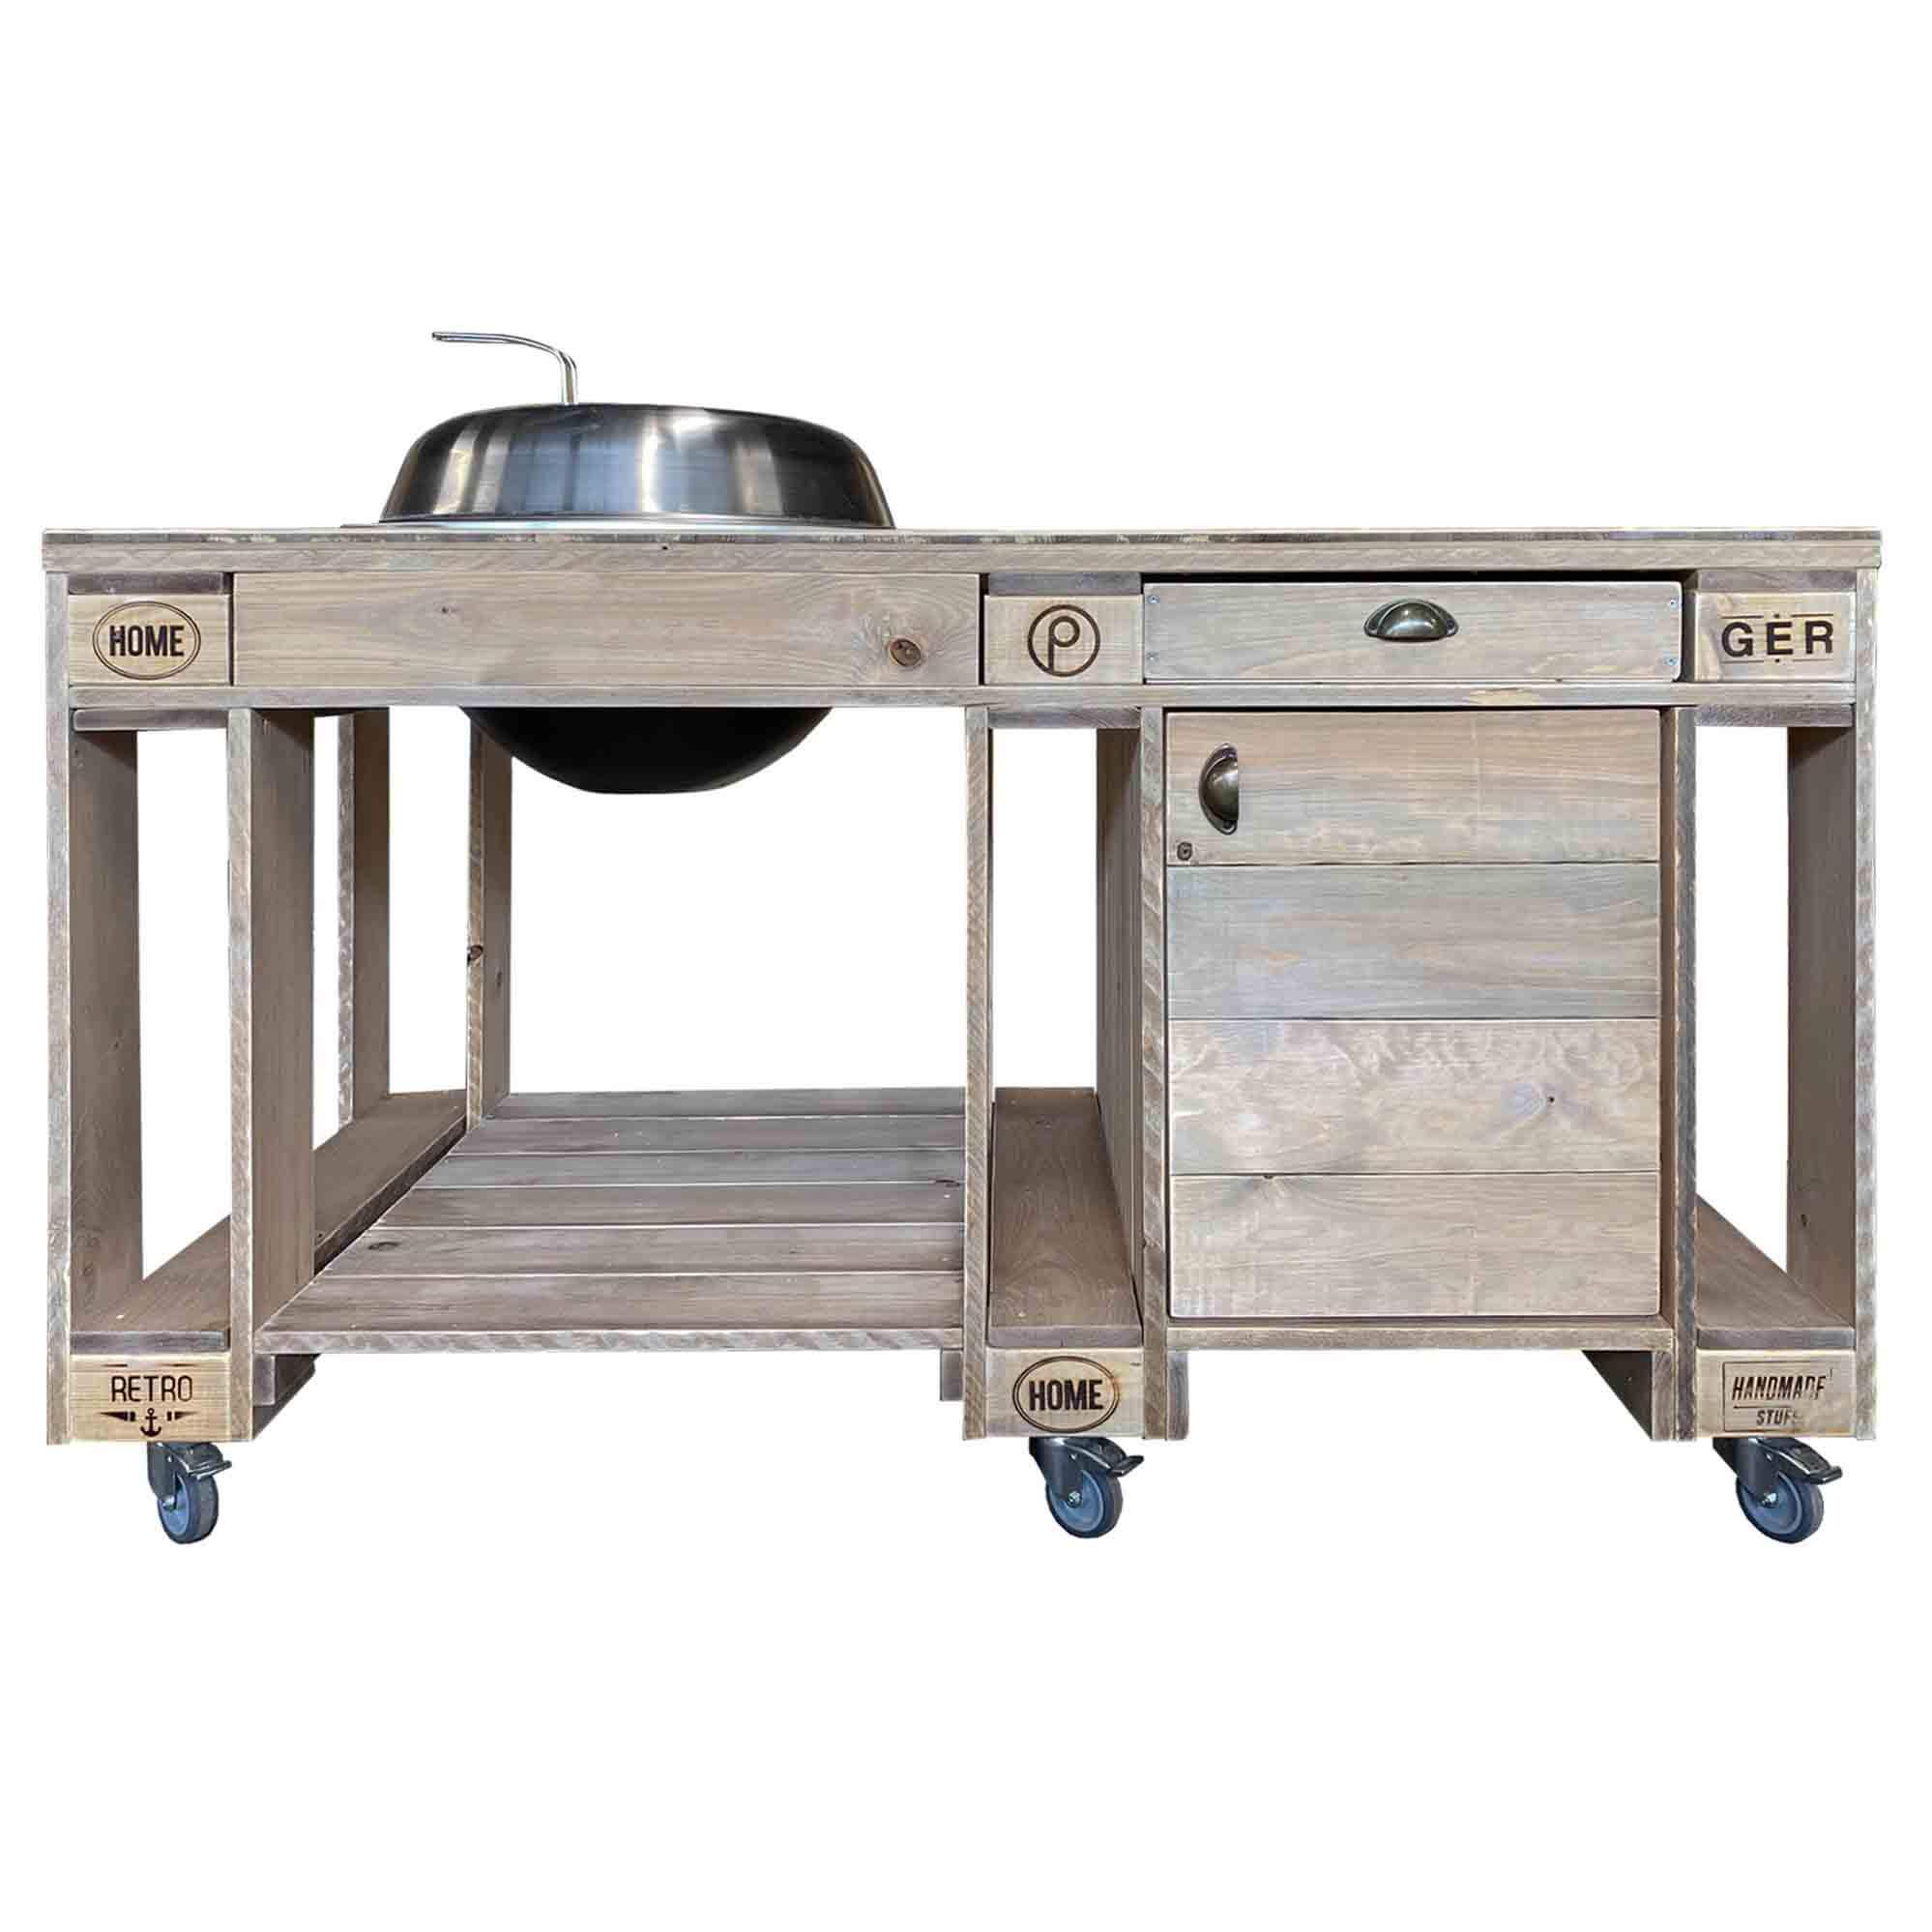 ᐅᐅ Outdoor Grill Tisch Saris Garage Shop | Palettenmöbel kaufen